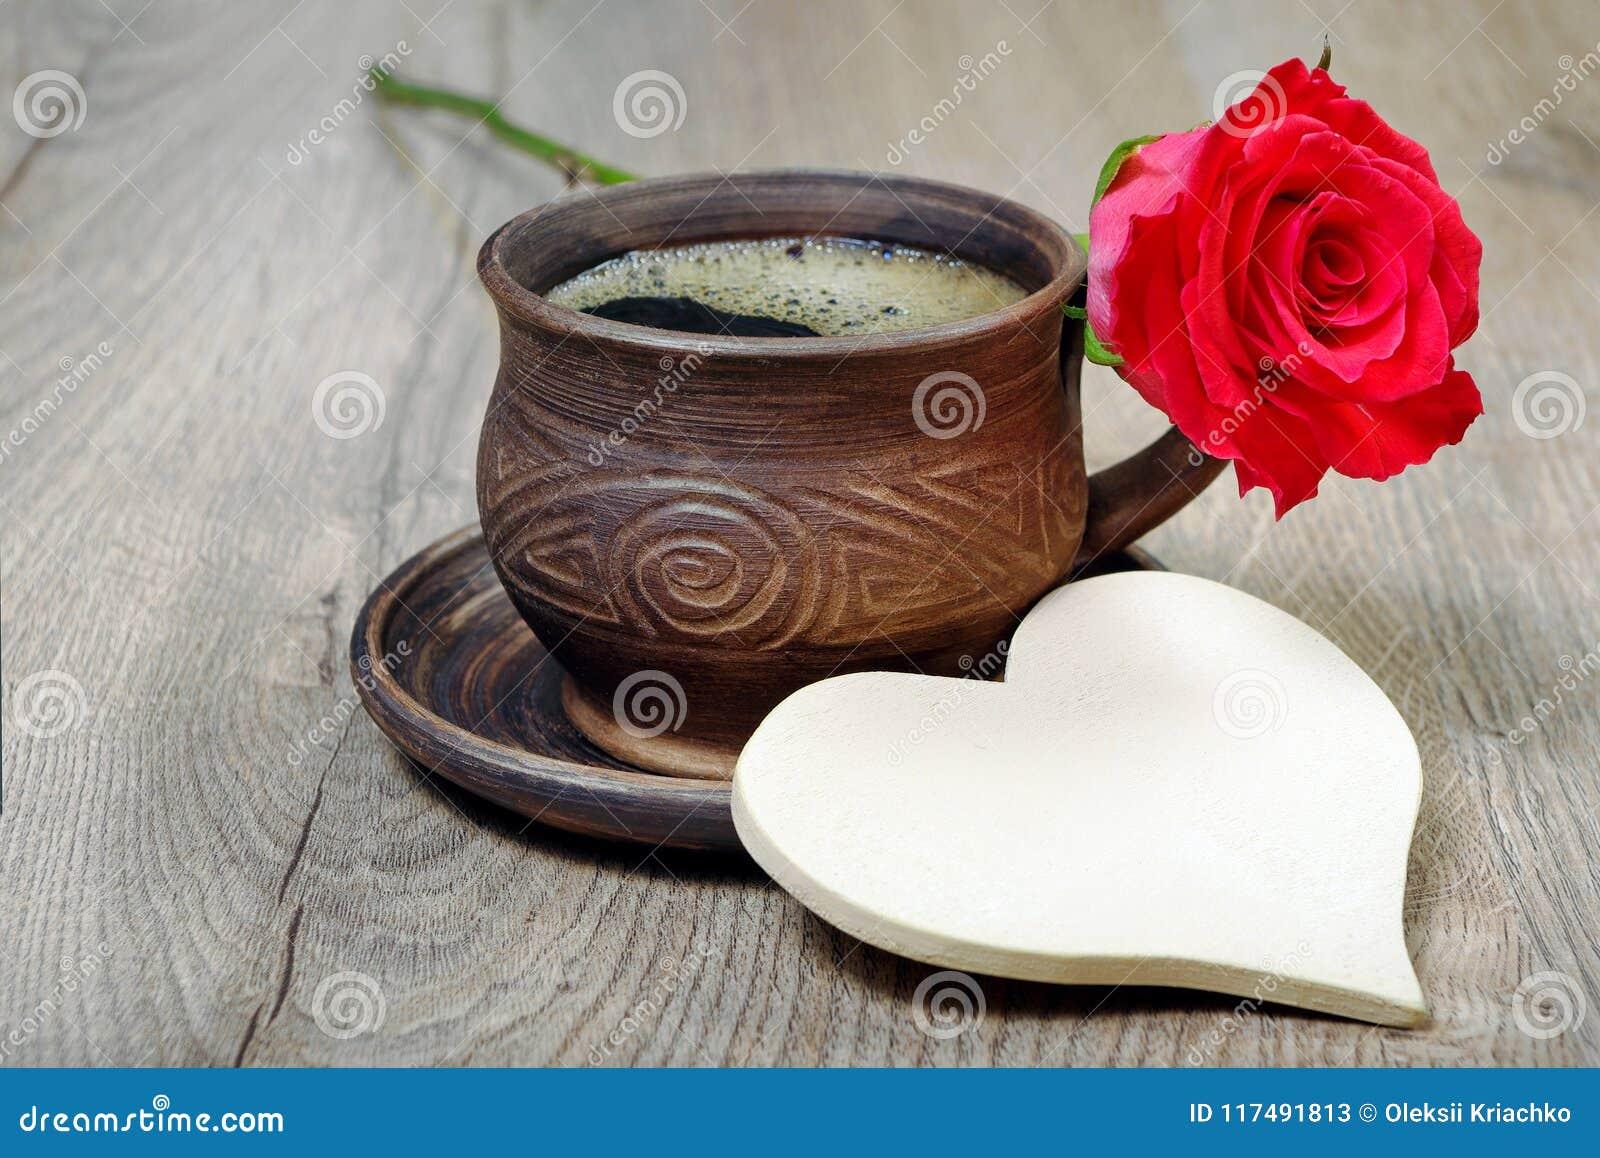 Uma Flor De Bom Dia: Bom Dia Uma Xícara De Café E Uma Rosa Vermelha Imagem De